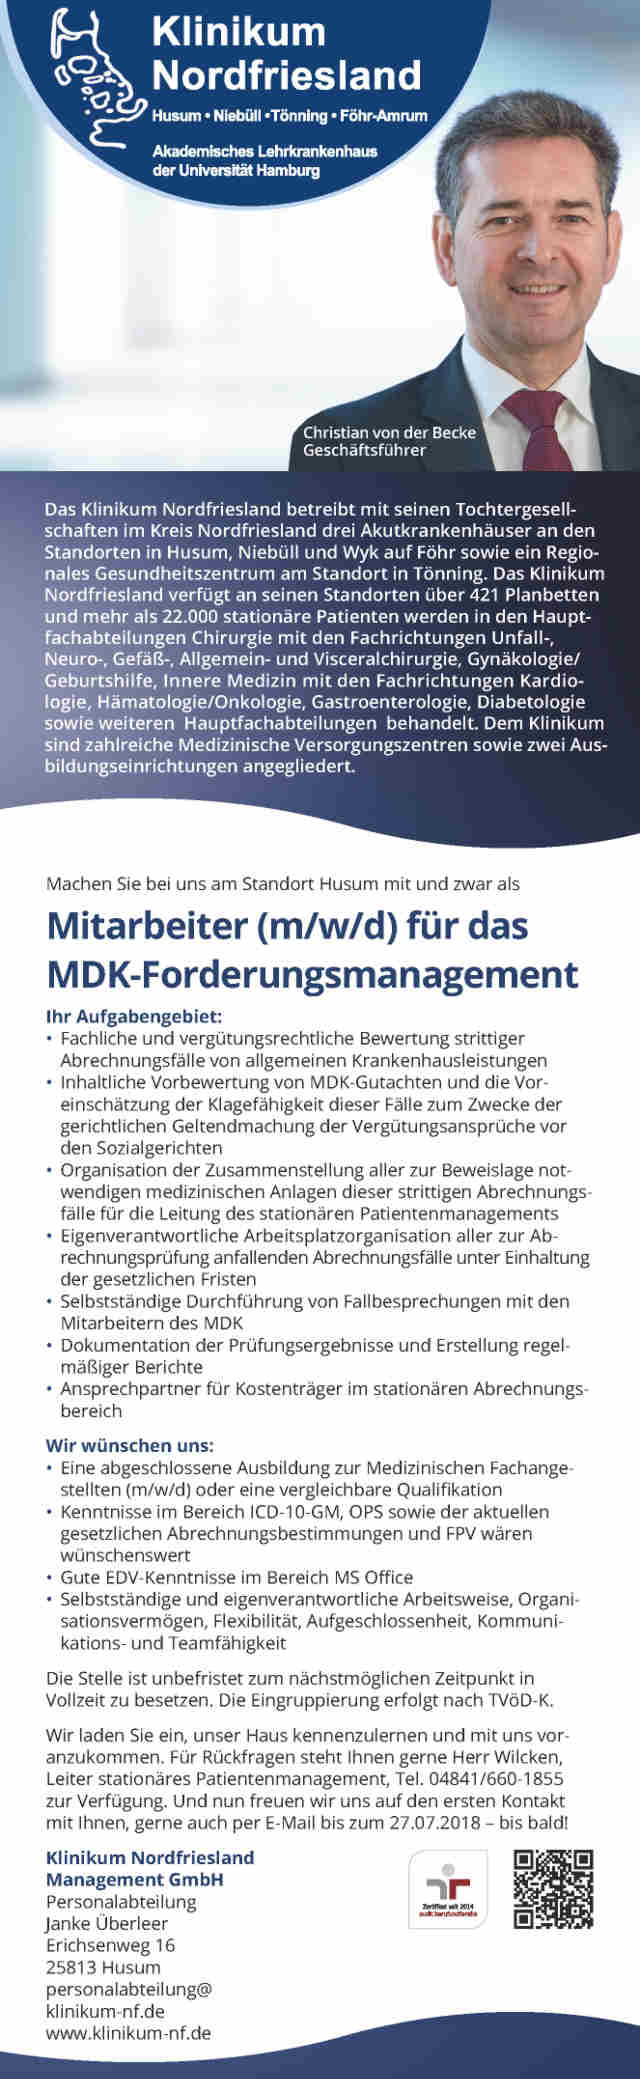 Klinikum Nordfriesland, Husum: Mitarbeiter MDK-Forderungsmanagement (m/w/d)